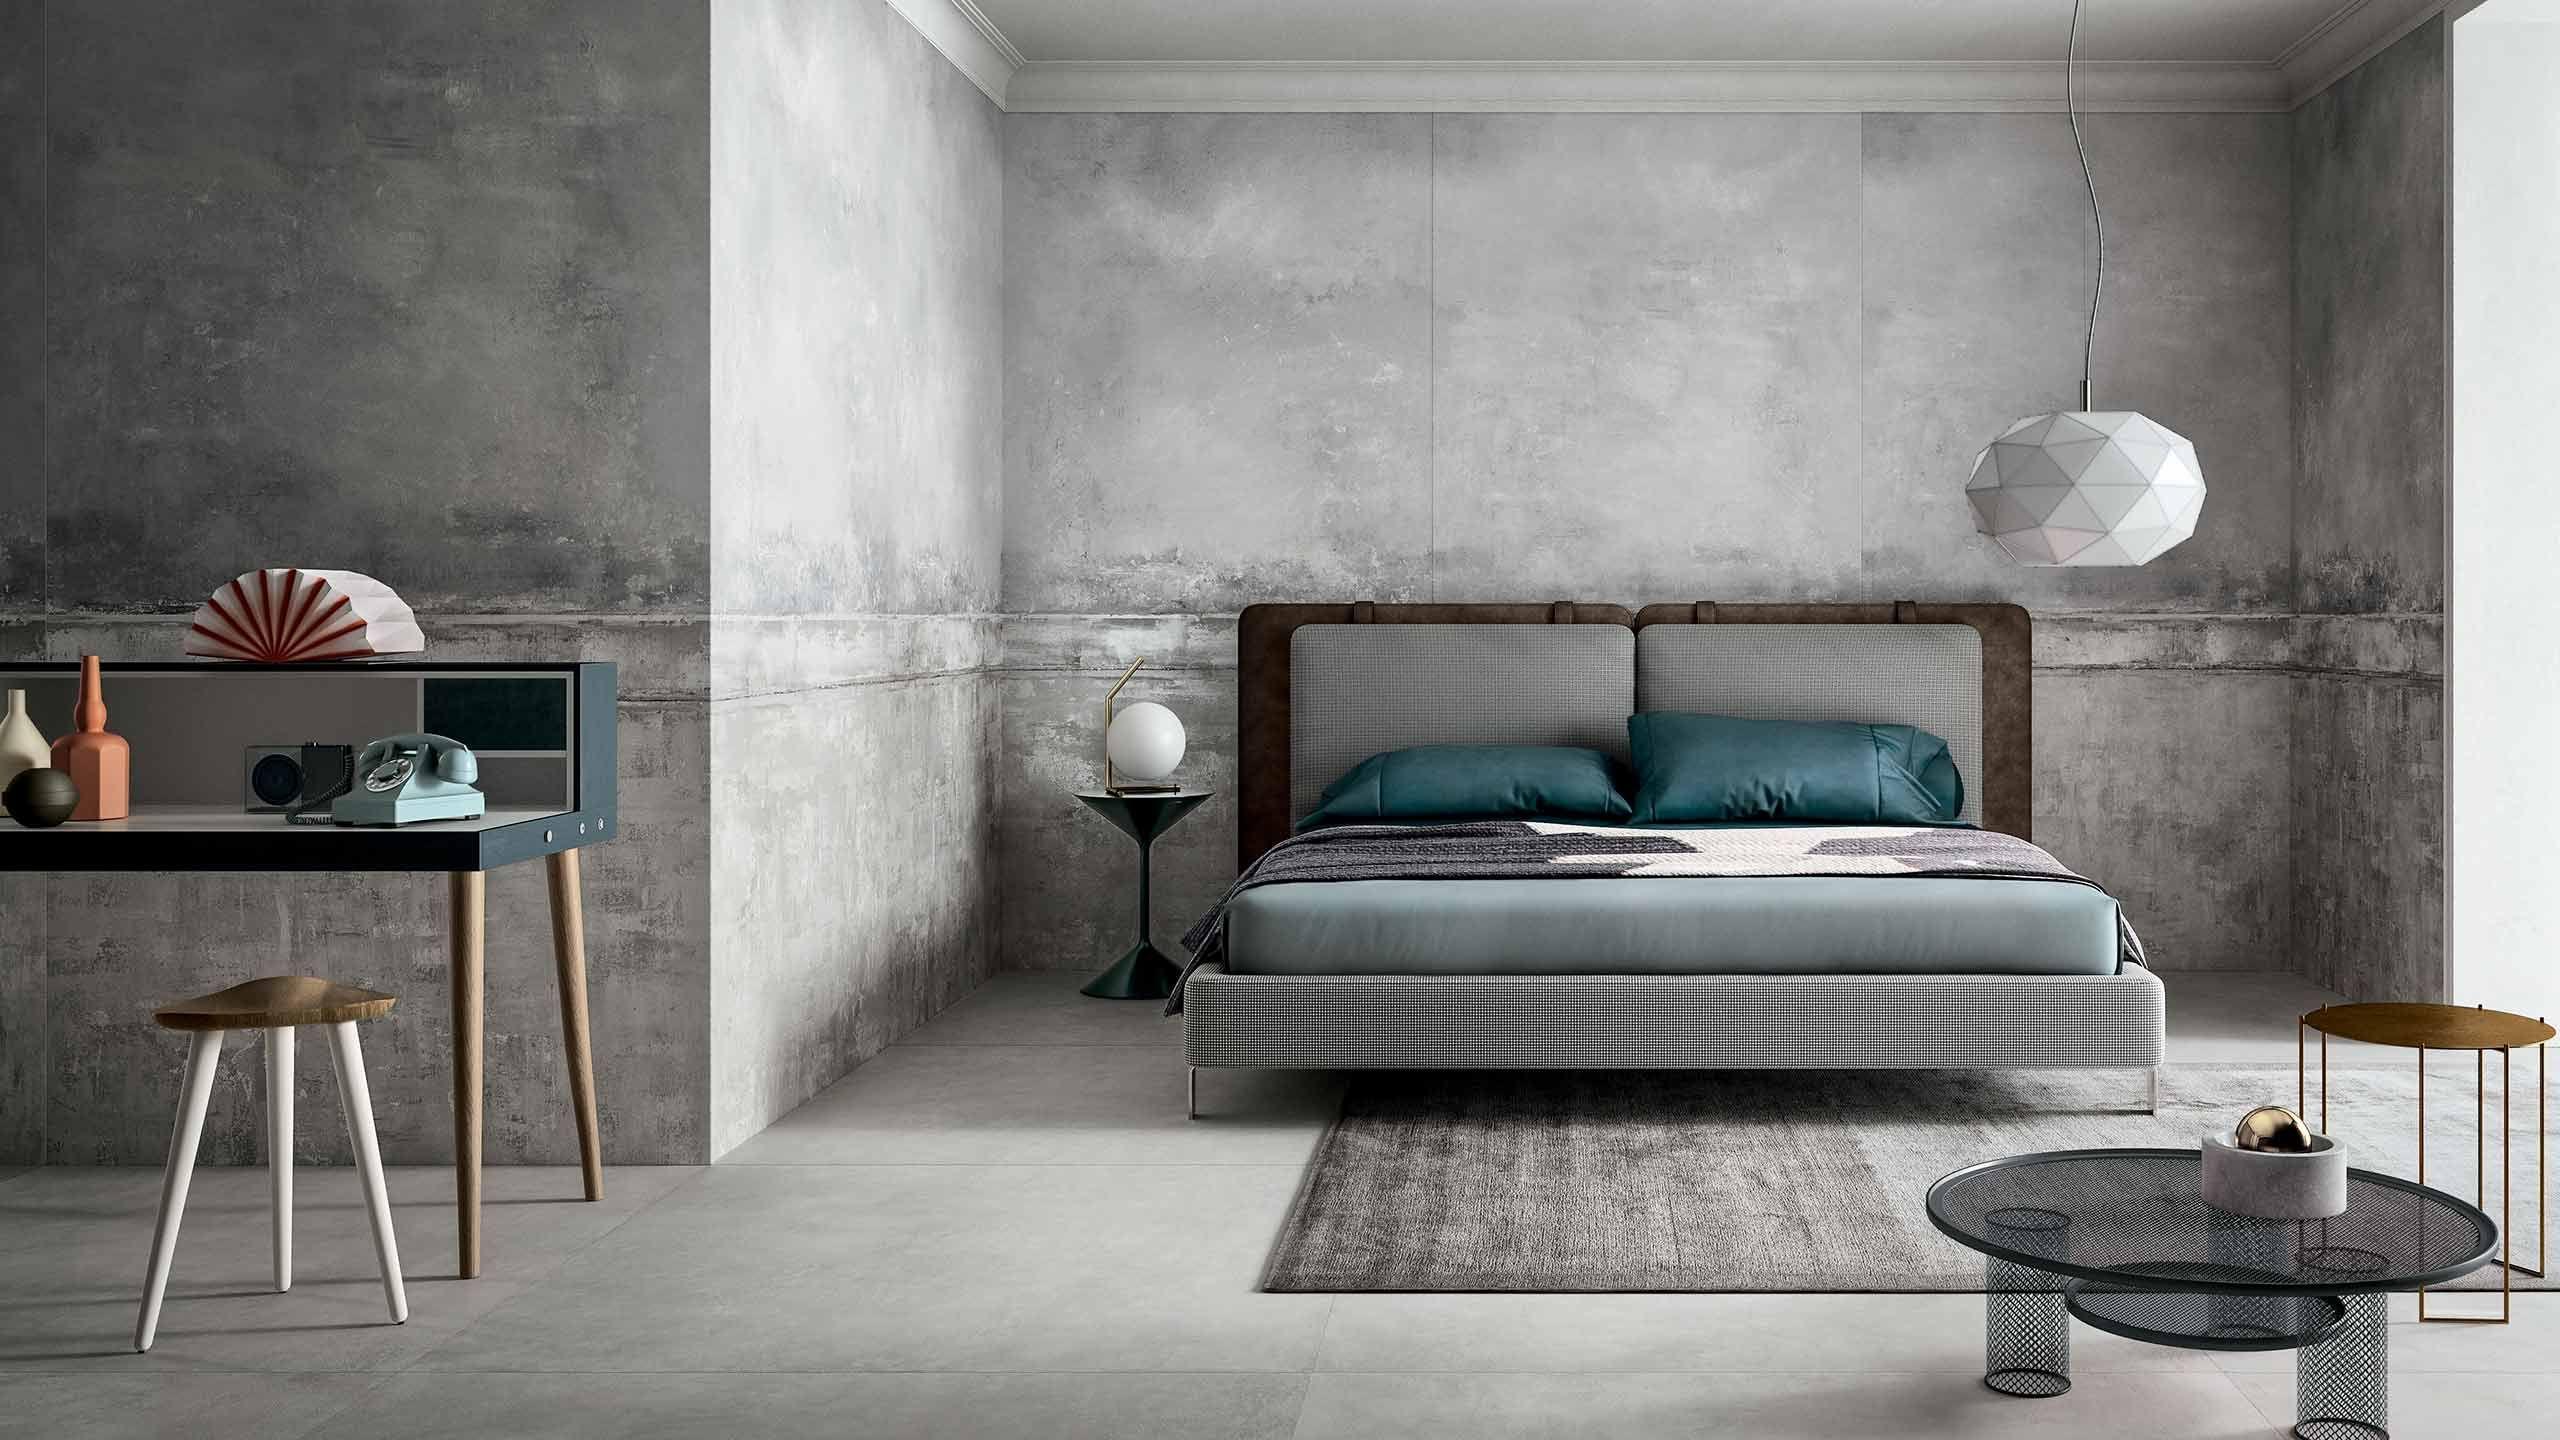 Storie l ambiente tipico italiano luxury decor home for Software gratis arredamento interni italiano